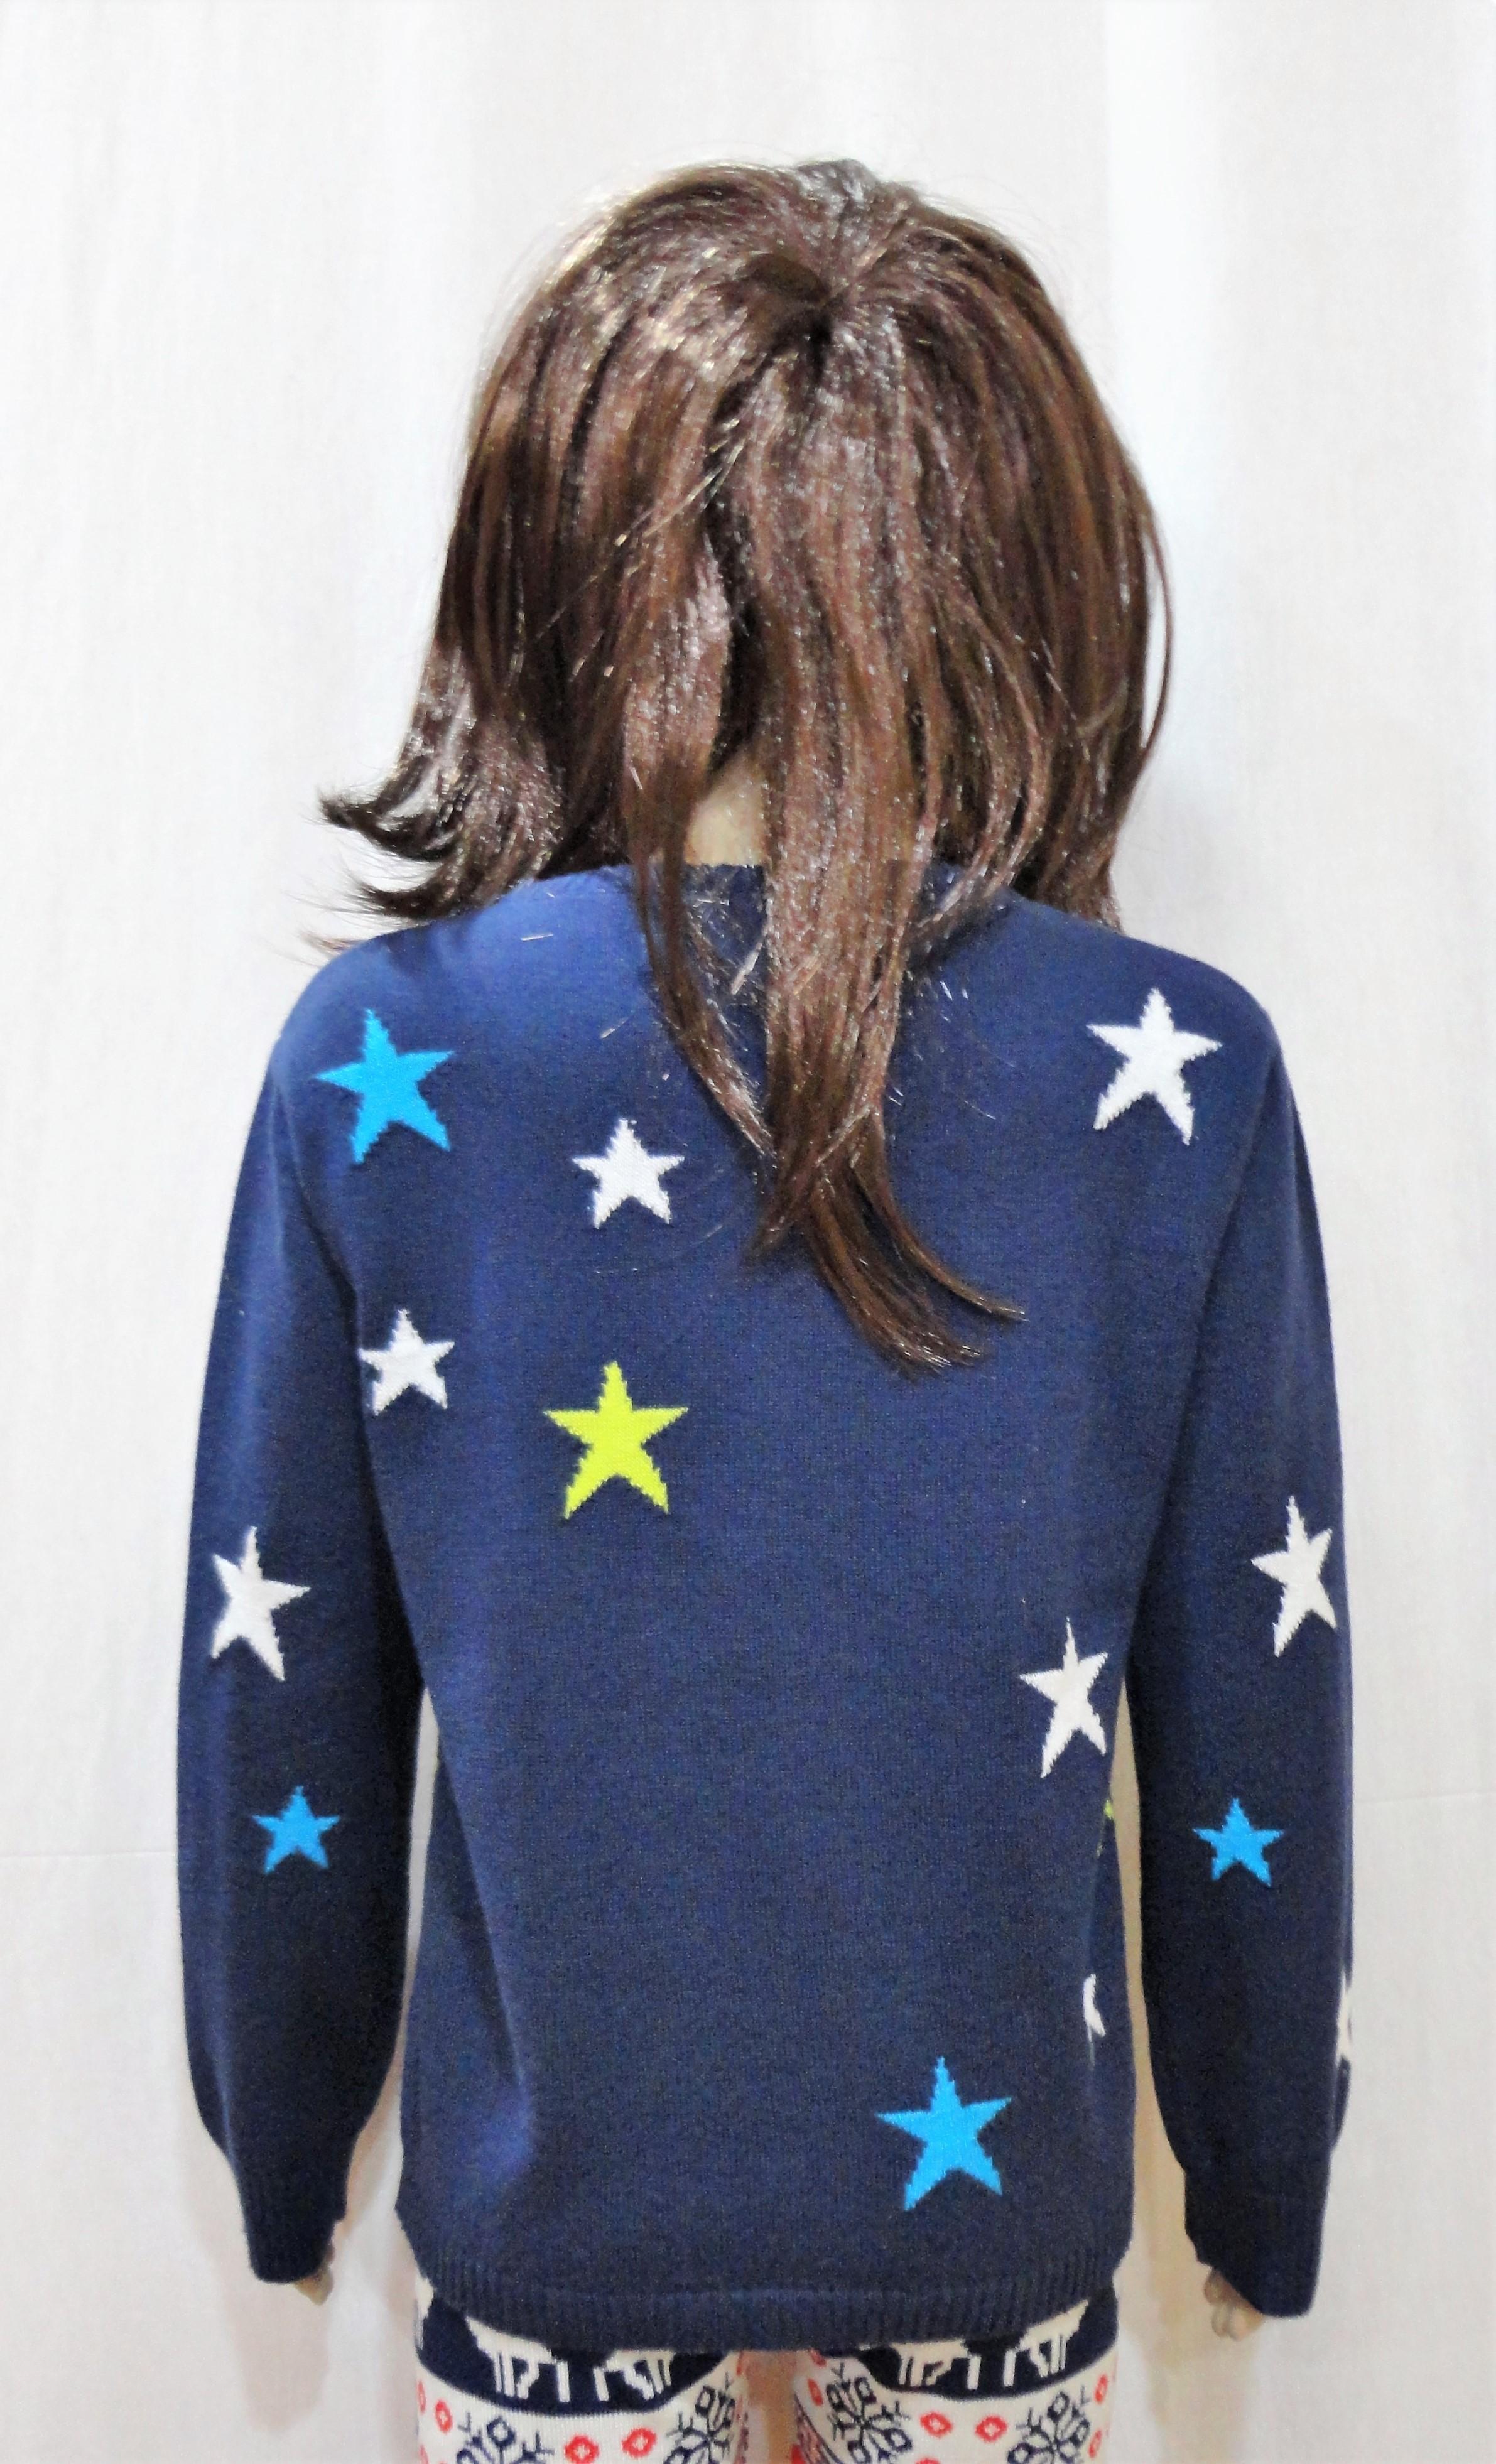 Star Girl Intarsia Sweater